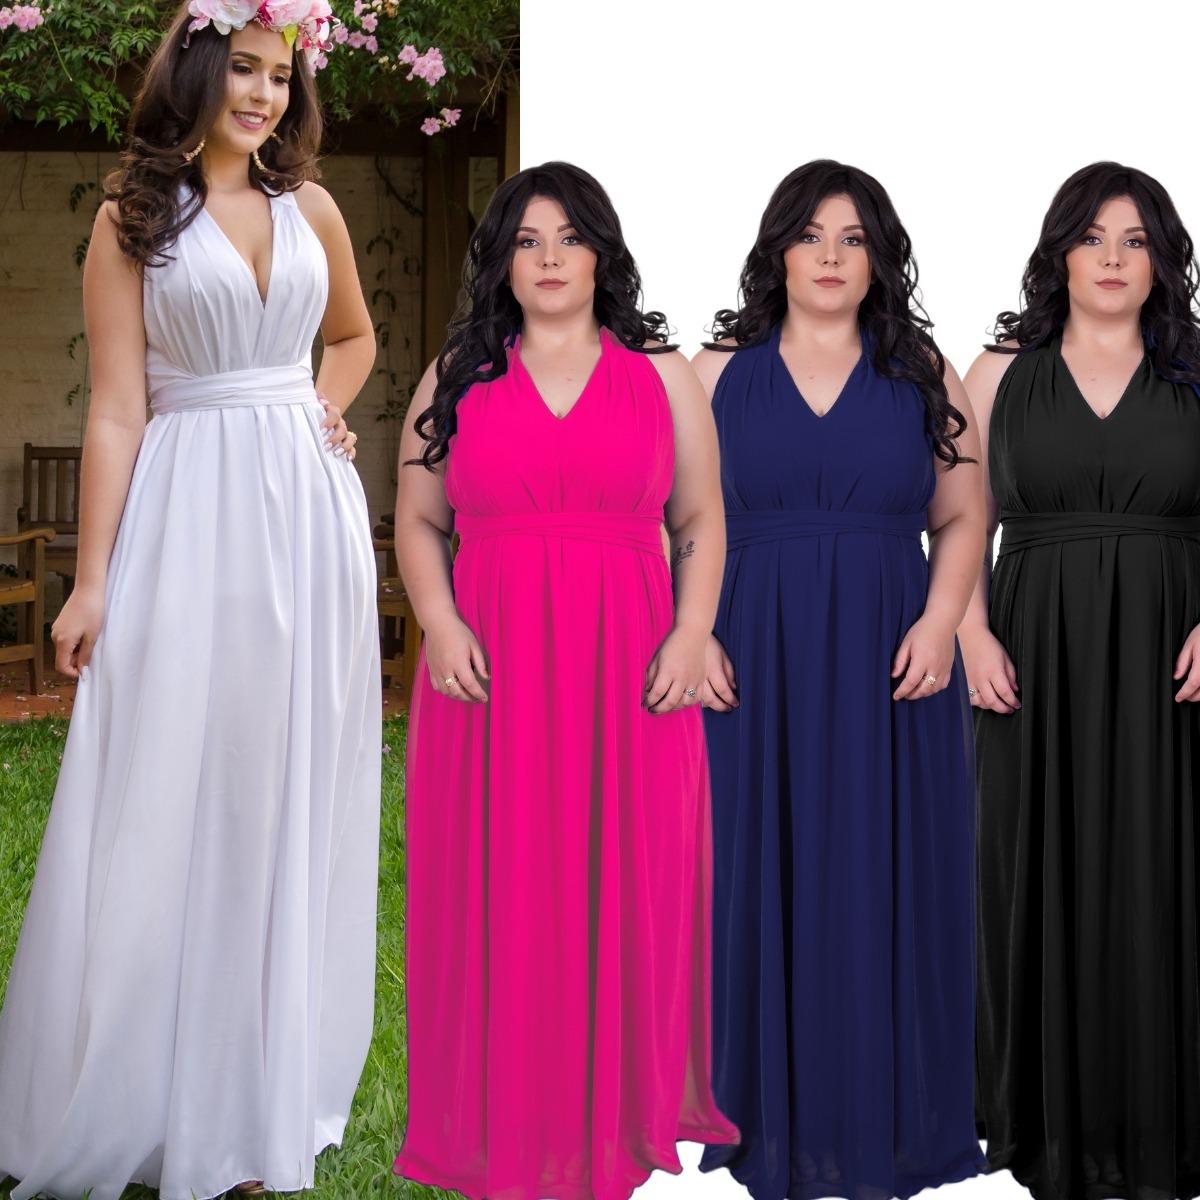 Comprar vestido branco longo barato